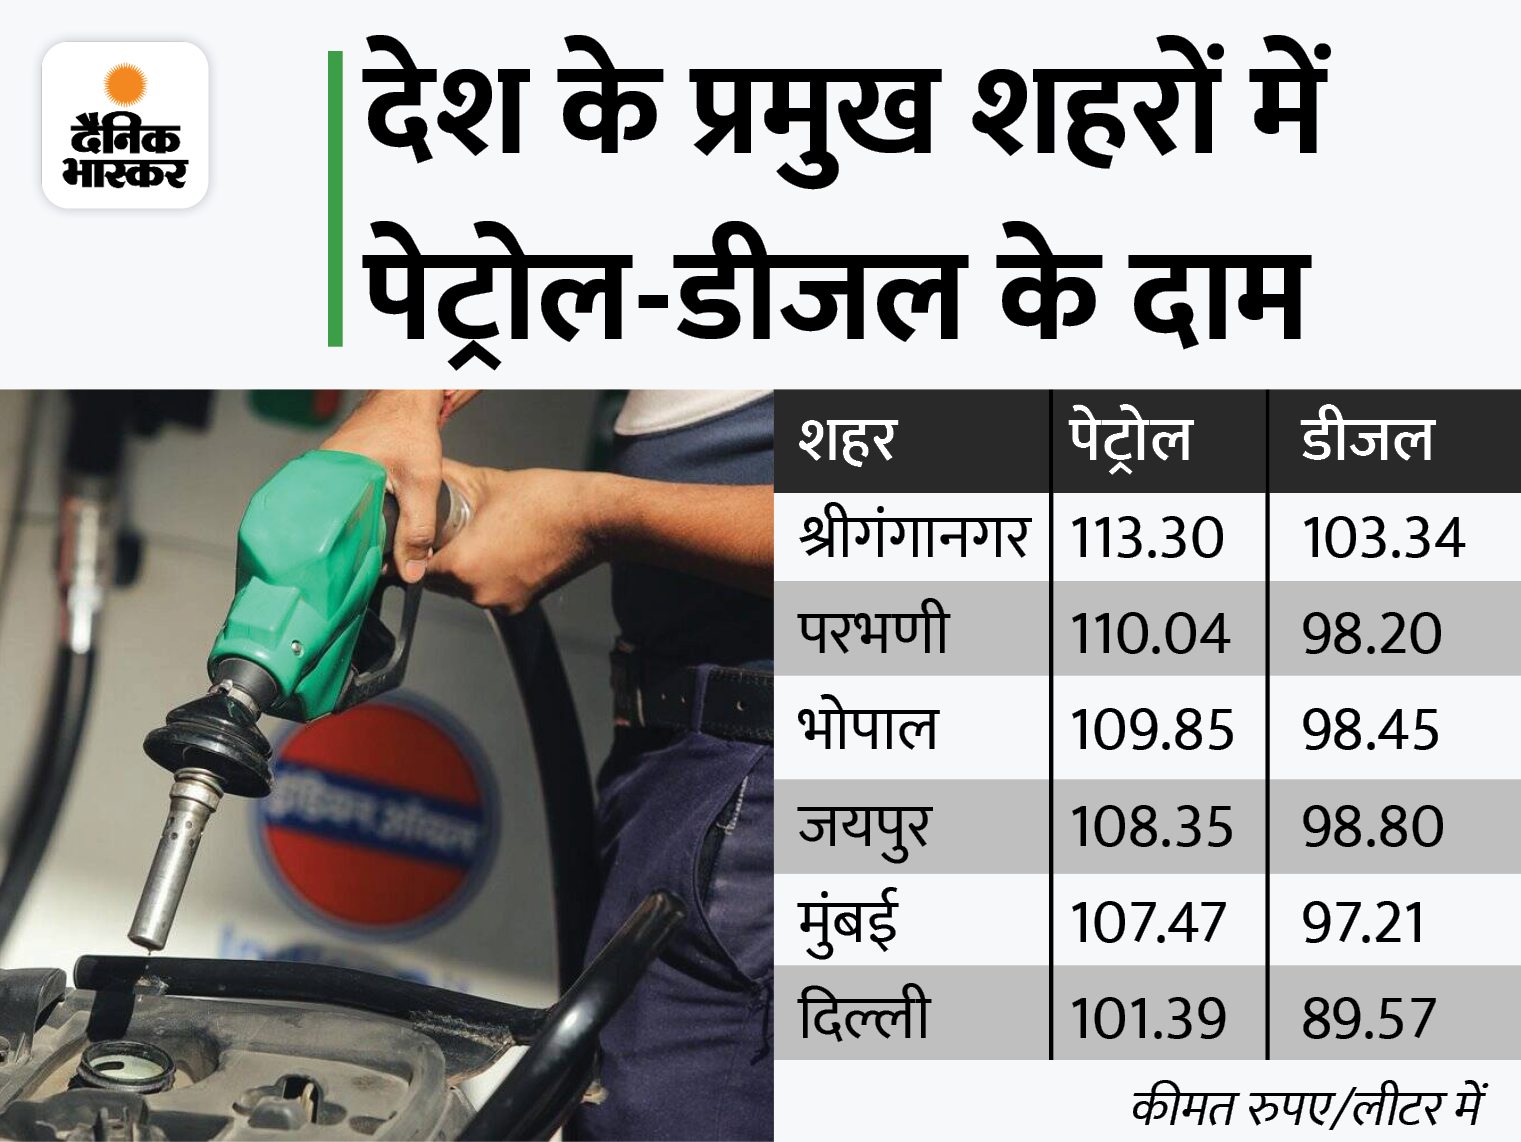 आज लगातार तीसरे दिन महंगा हुआ डीजल, पेट्रोल भी 20 पैसे महंगा होकर 101.39 रुपए पर पहुंचा|बिजनेस,Business - Dainik Bhaskar